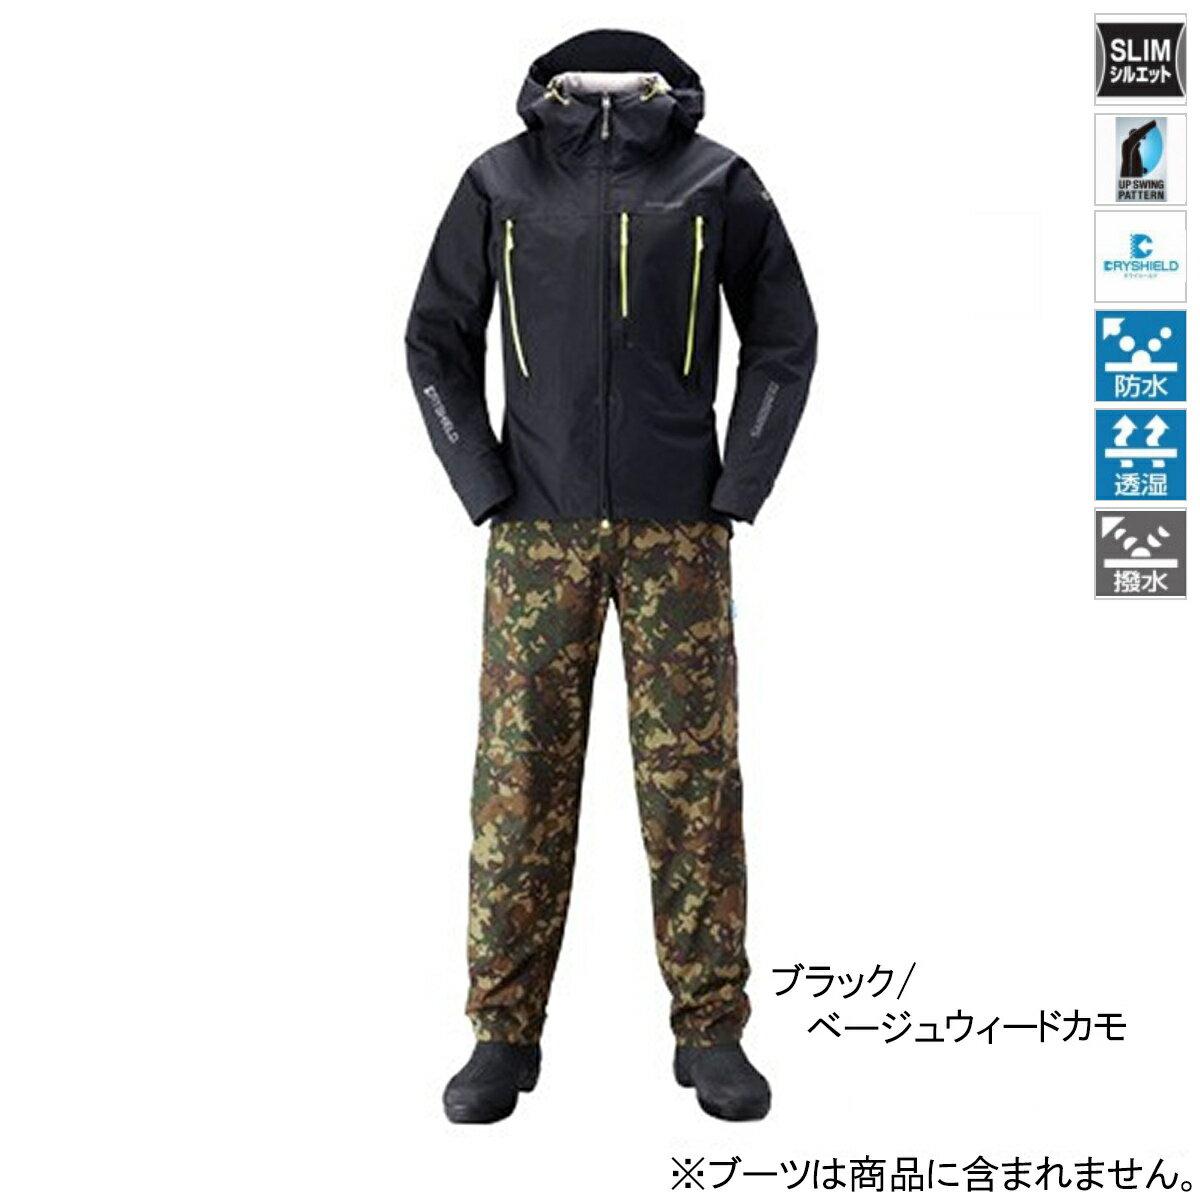 シマノ DSエクスプローラースーツ RA-024S M ブラック/ベージュウィードカモ【送料無料】